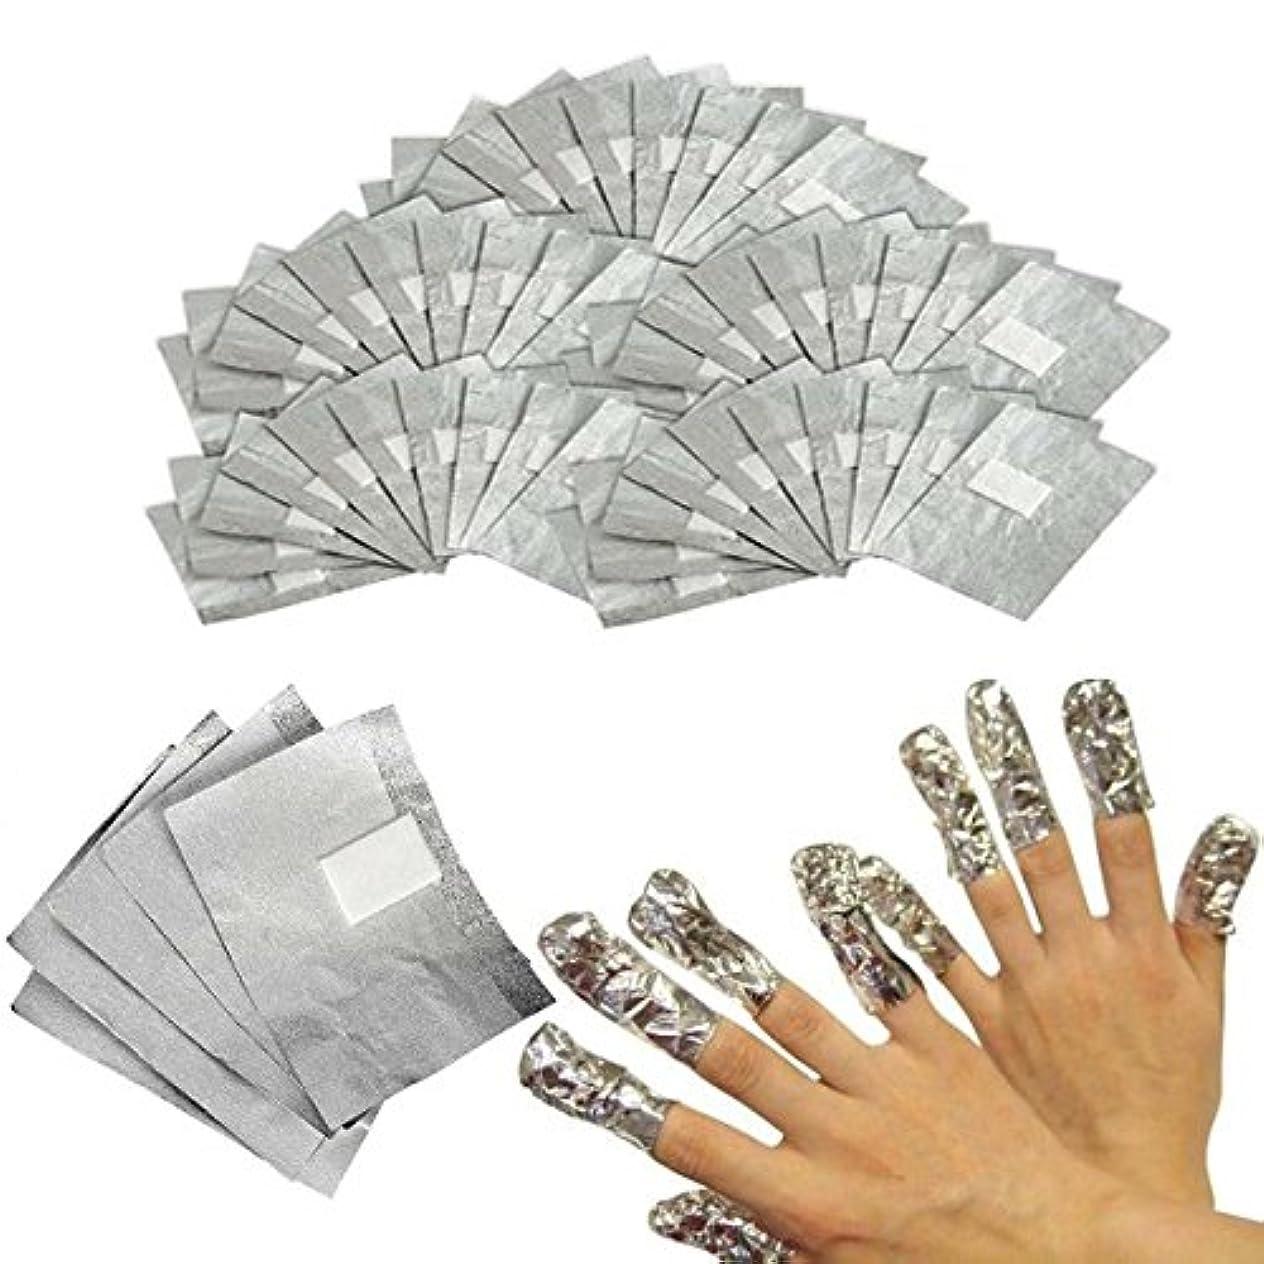 パントリー貴重なまたはElitlife 200枚セット アクリルUVジェル ネイルポリッシュをきれいにオフ コットン付きアルミホイル 素敵な在宅ゲル爪マニキュア用品